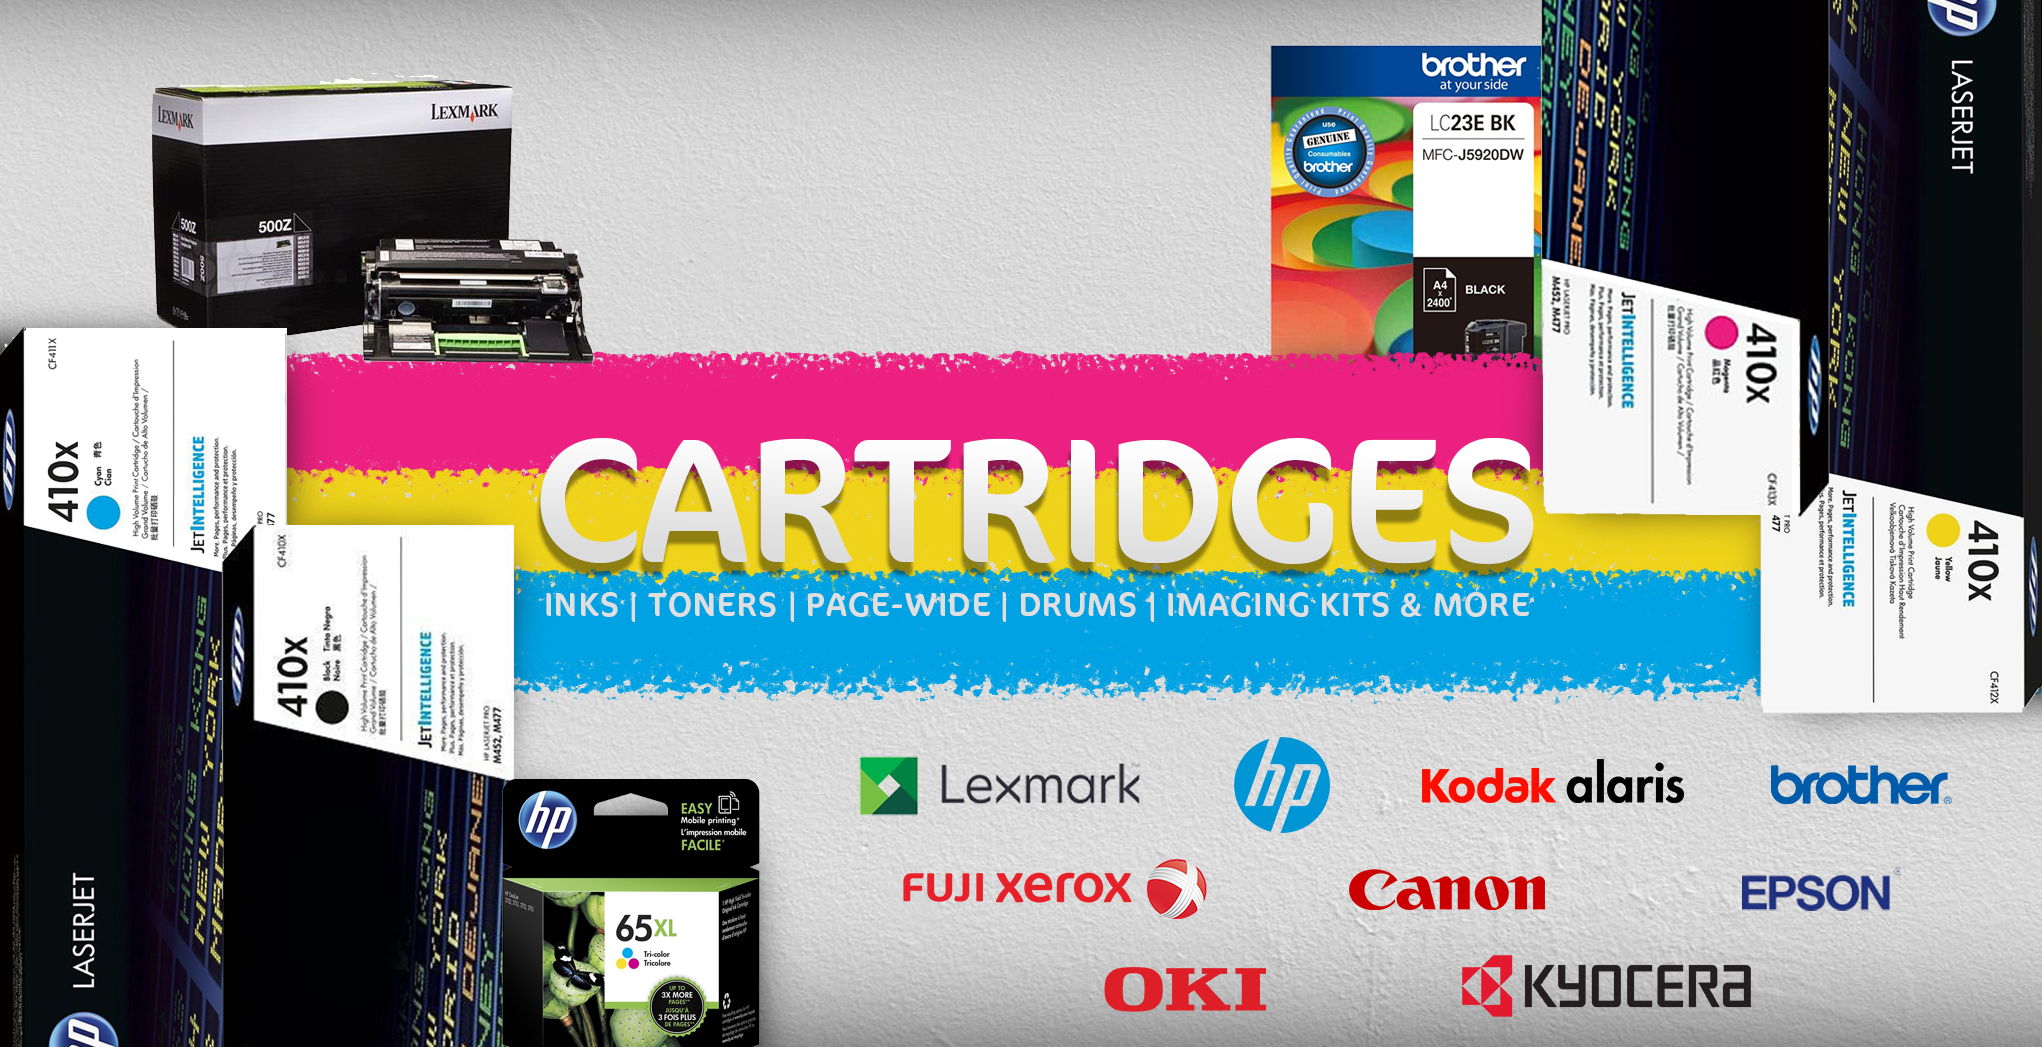 cartridges-banner-mediaform.png